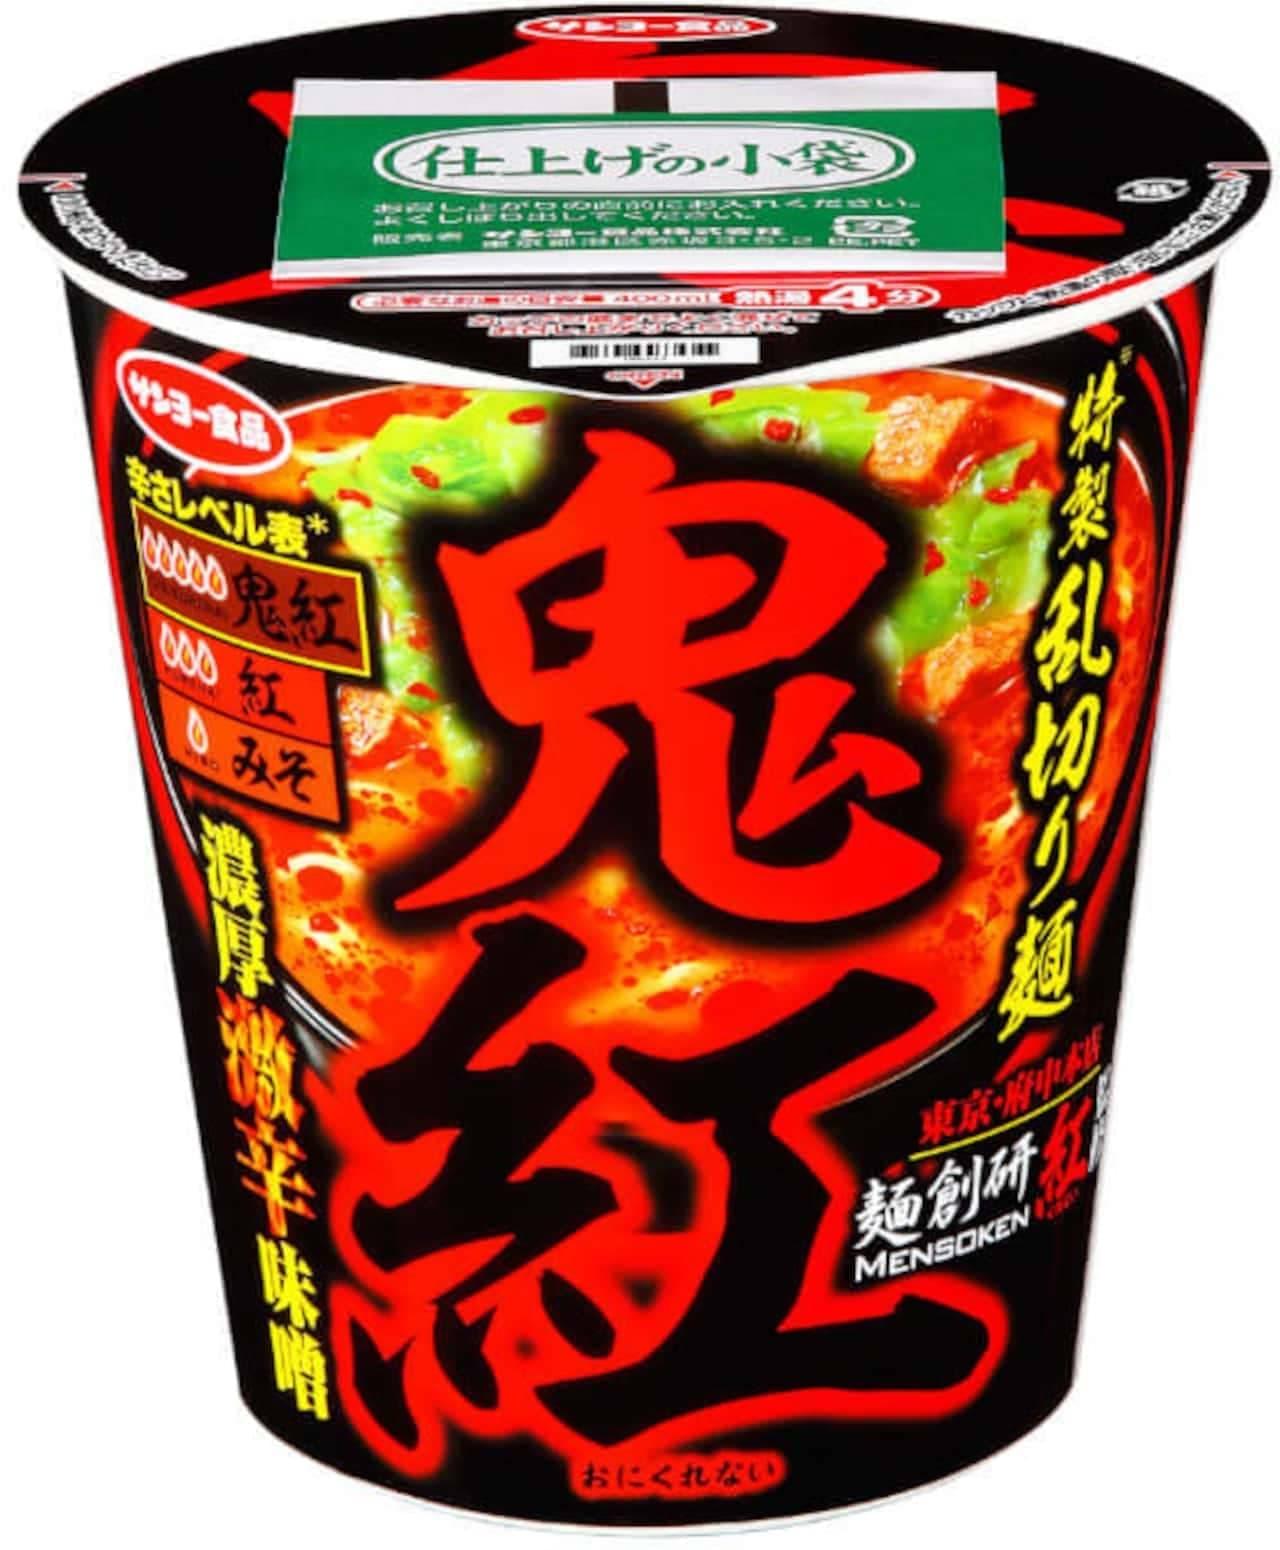 カップ麺「麺創研 紅監修 鬼紅 濃厚激辛味噌」